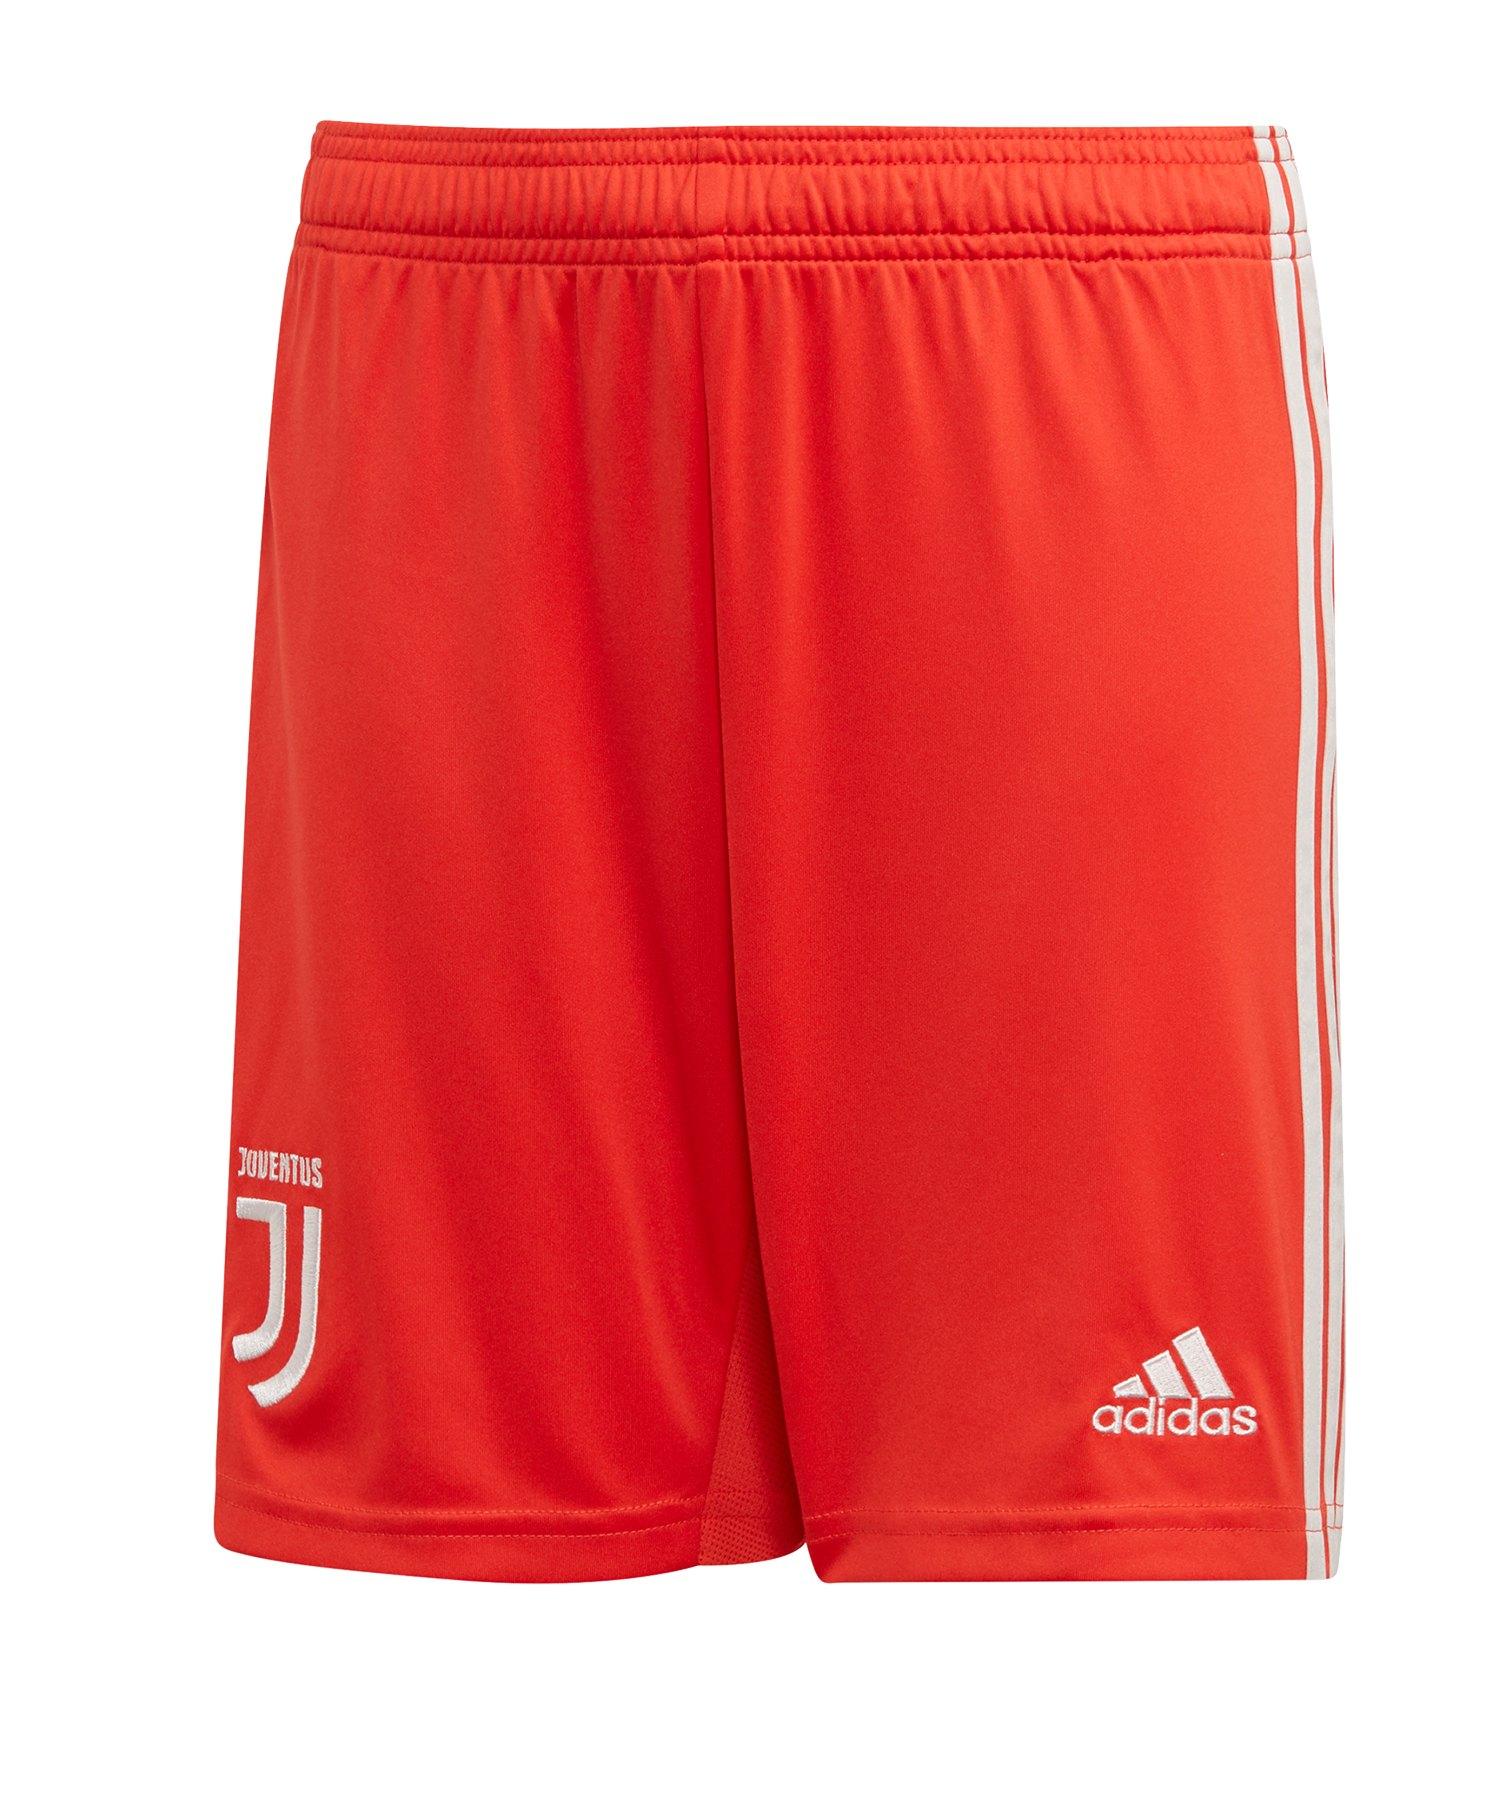 adidas Juventus Turin Short Away 2019/2020 Kids - Rot